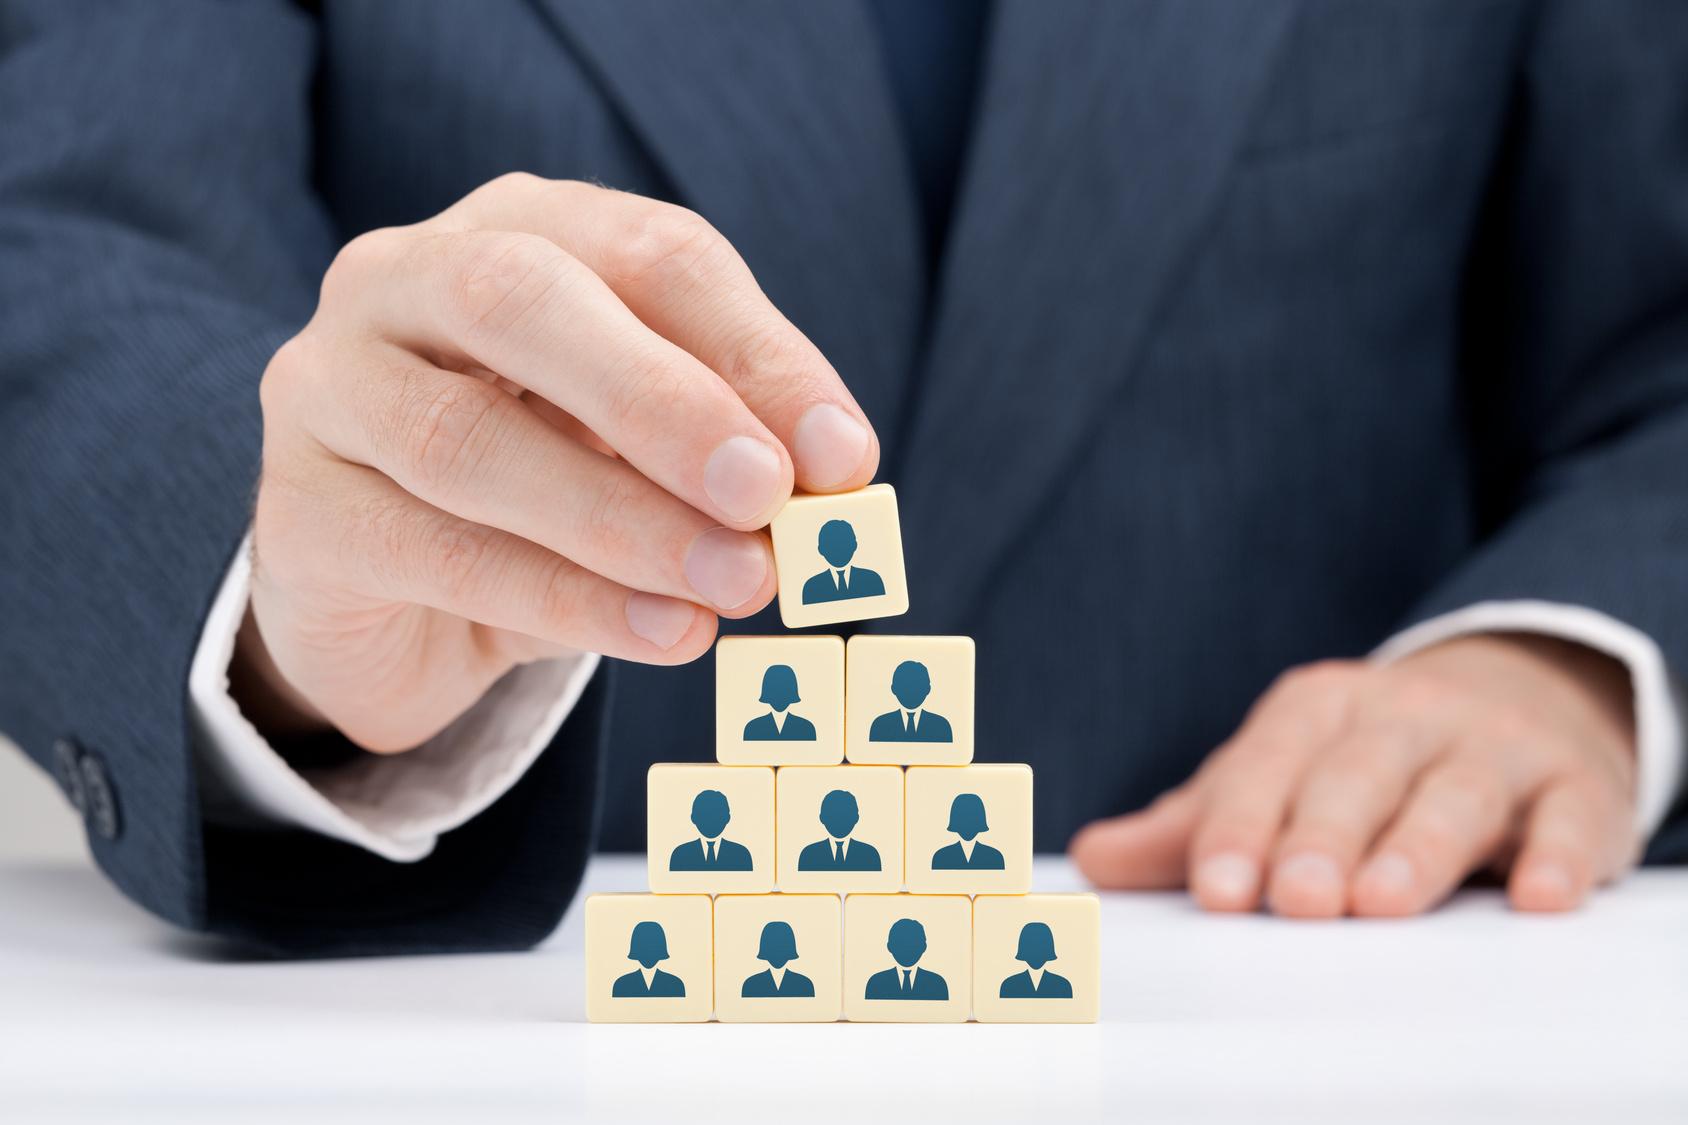 Executive Search & Recruitment